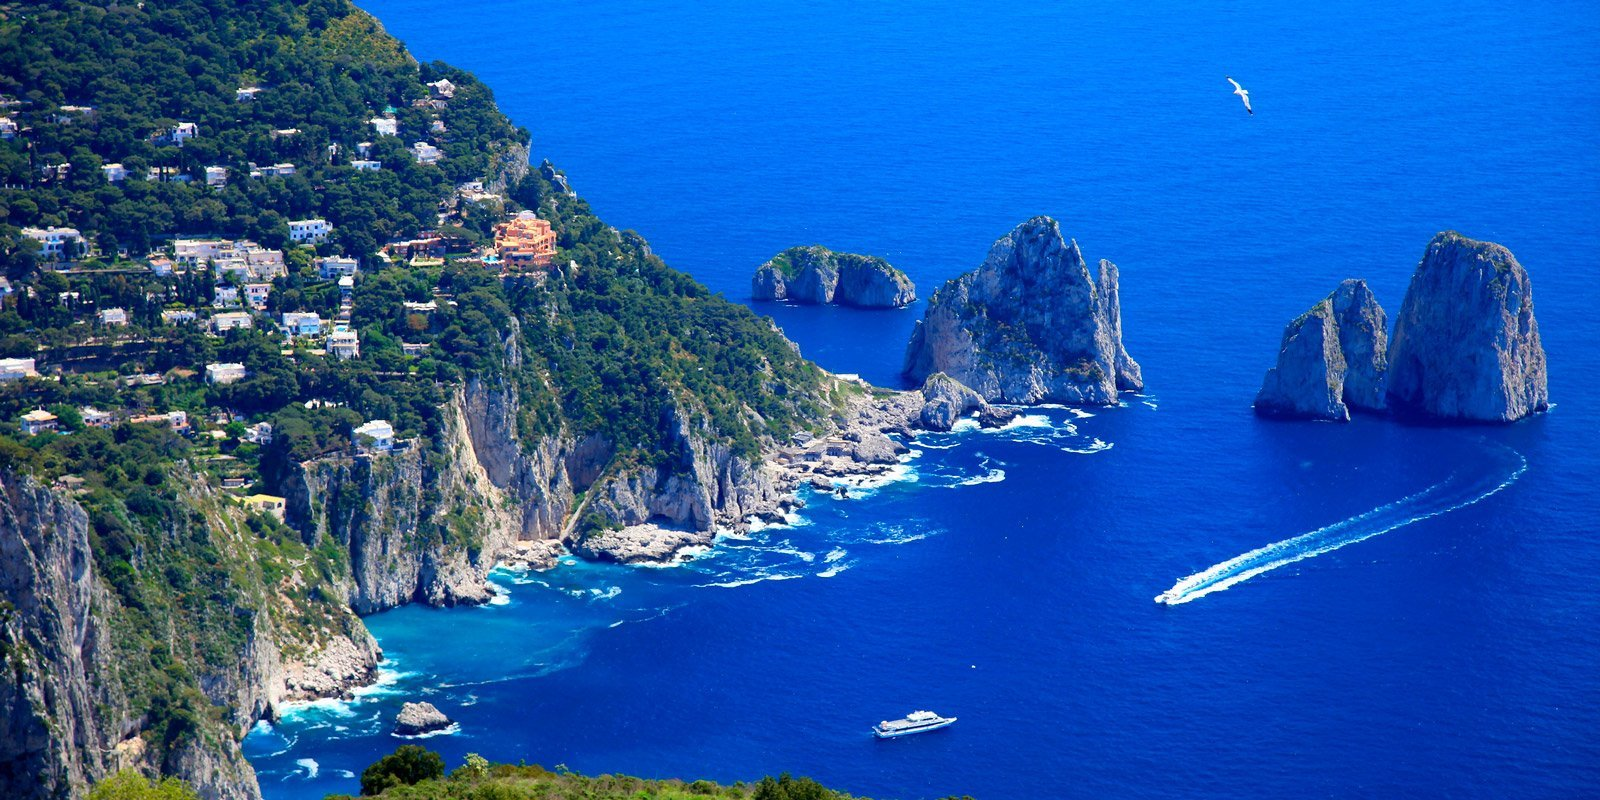 Estasiati dalle bellezze di Napoli e del Sud Italia